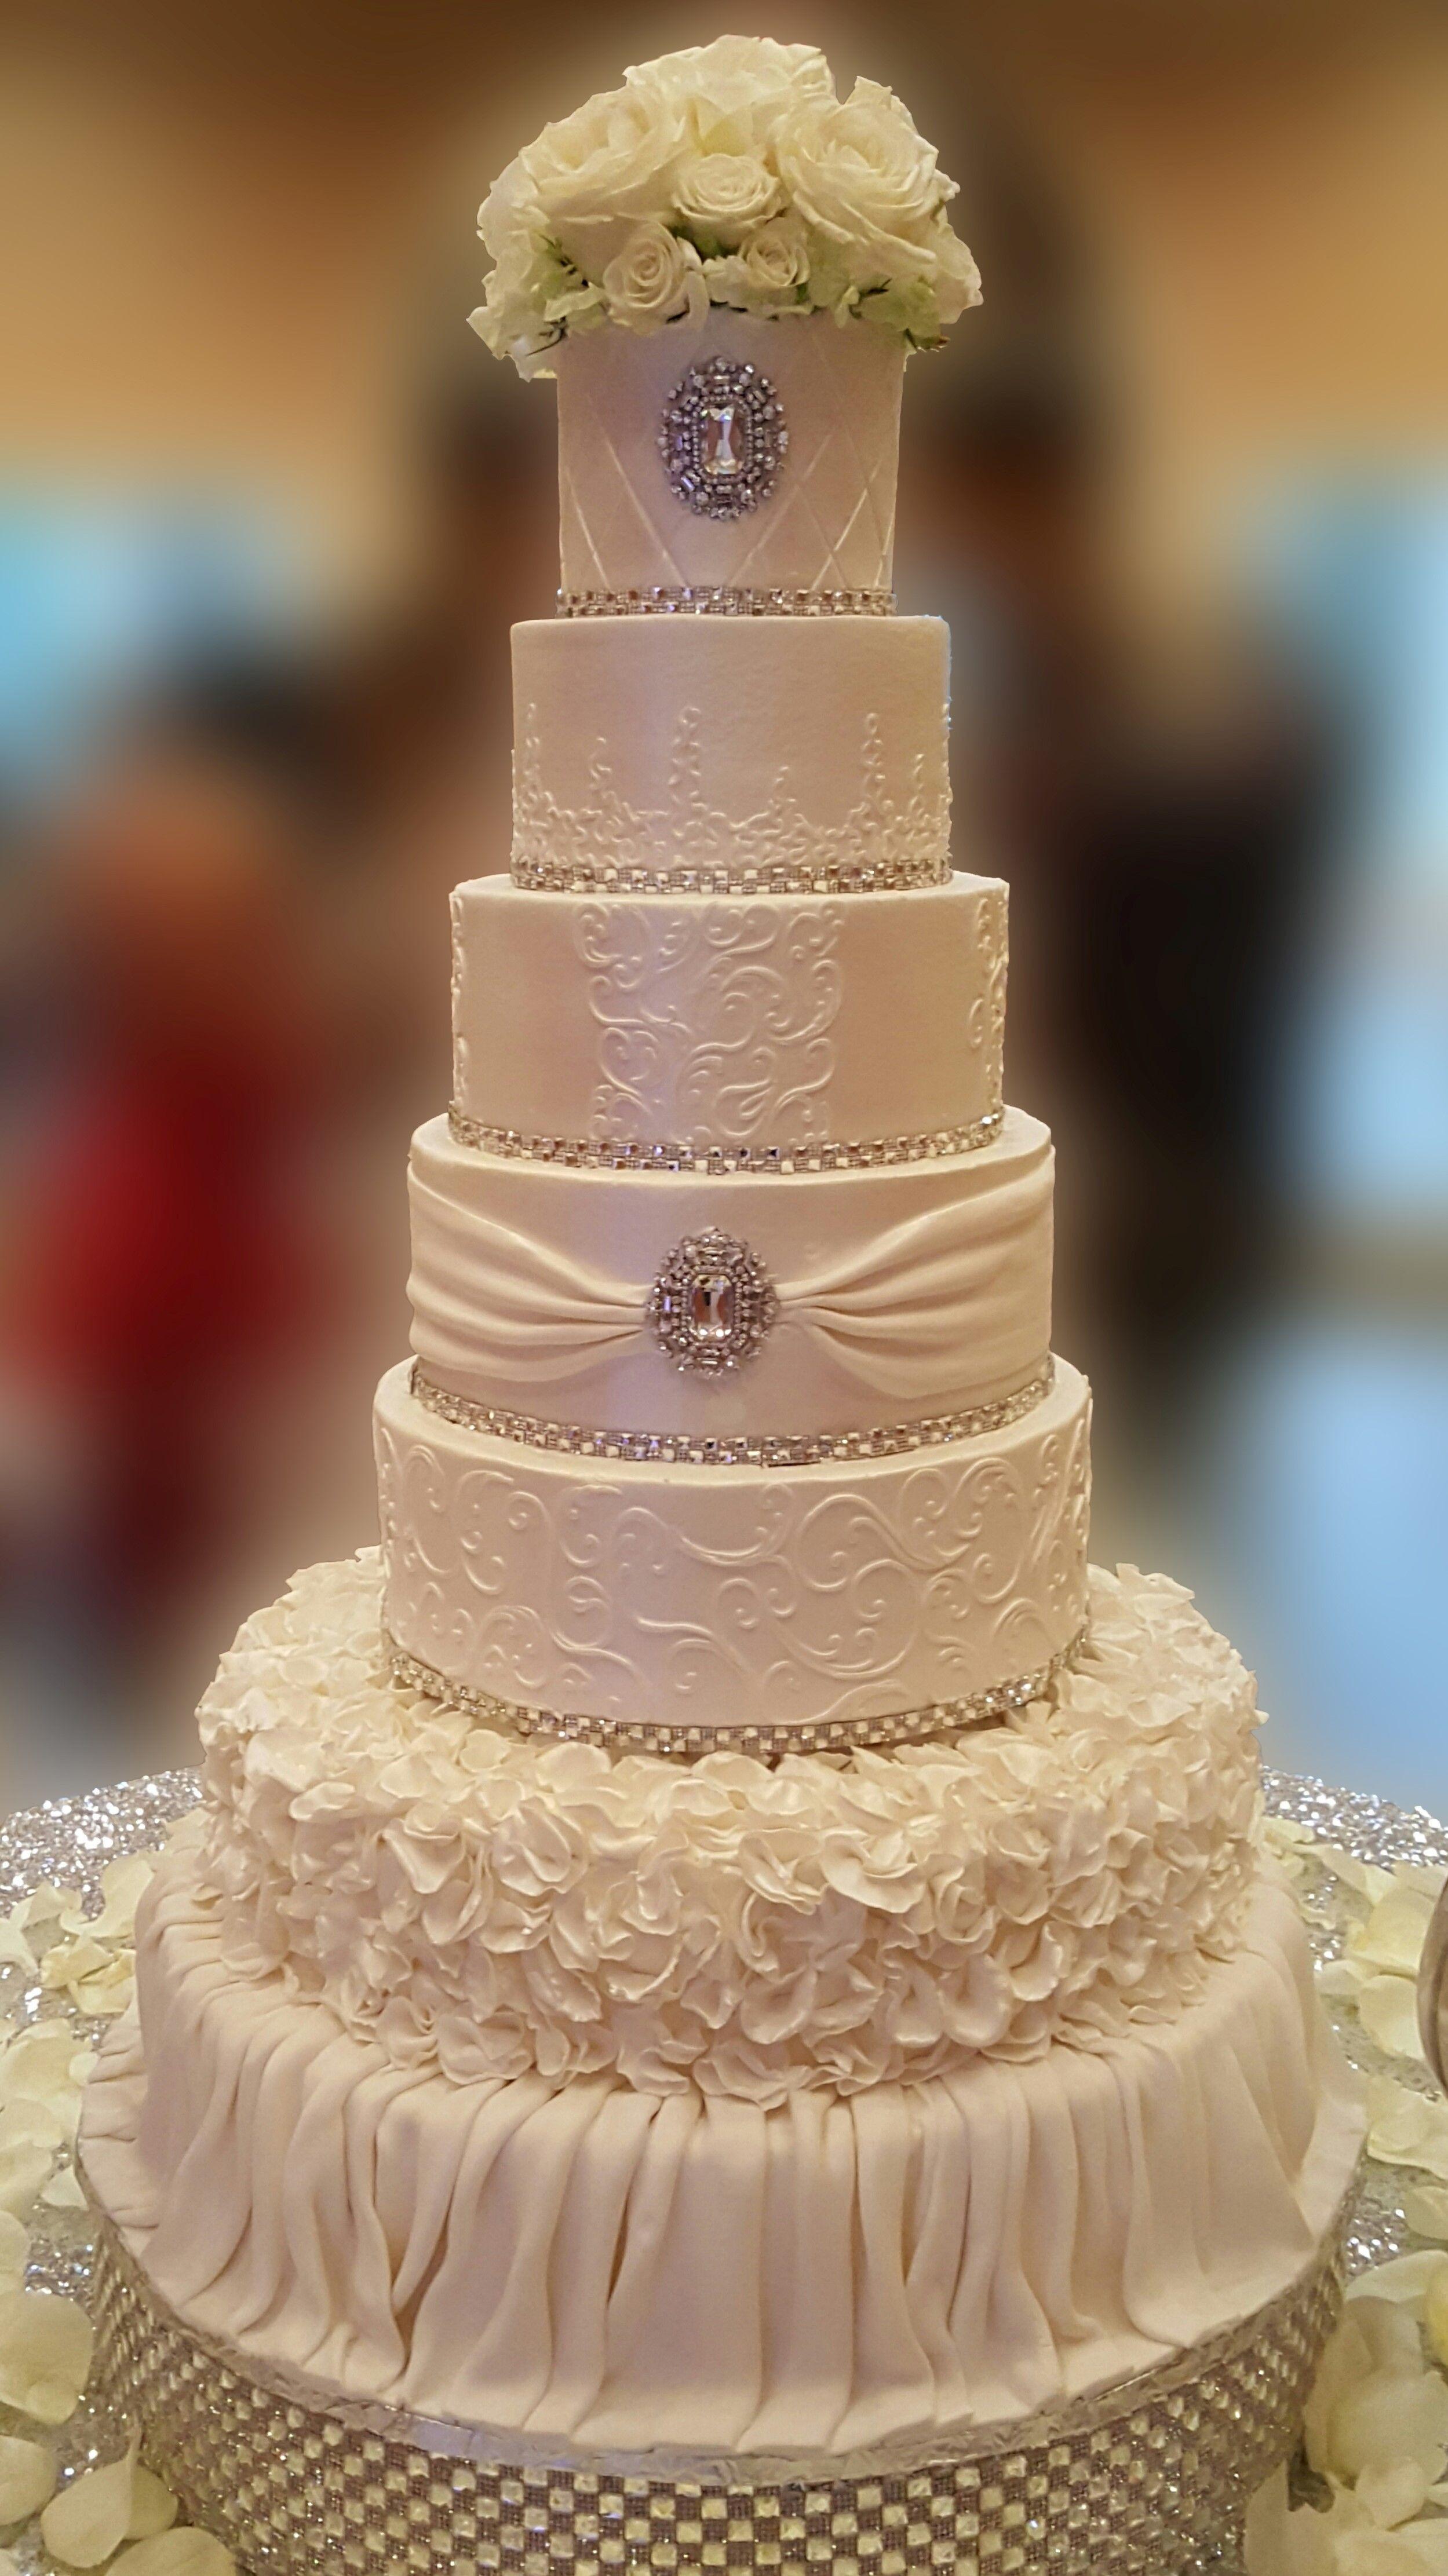 Wedding Cakes Houston Tx  Wedding Cakes by Tammy Allen